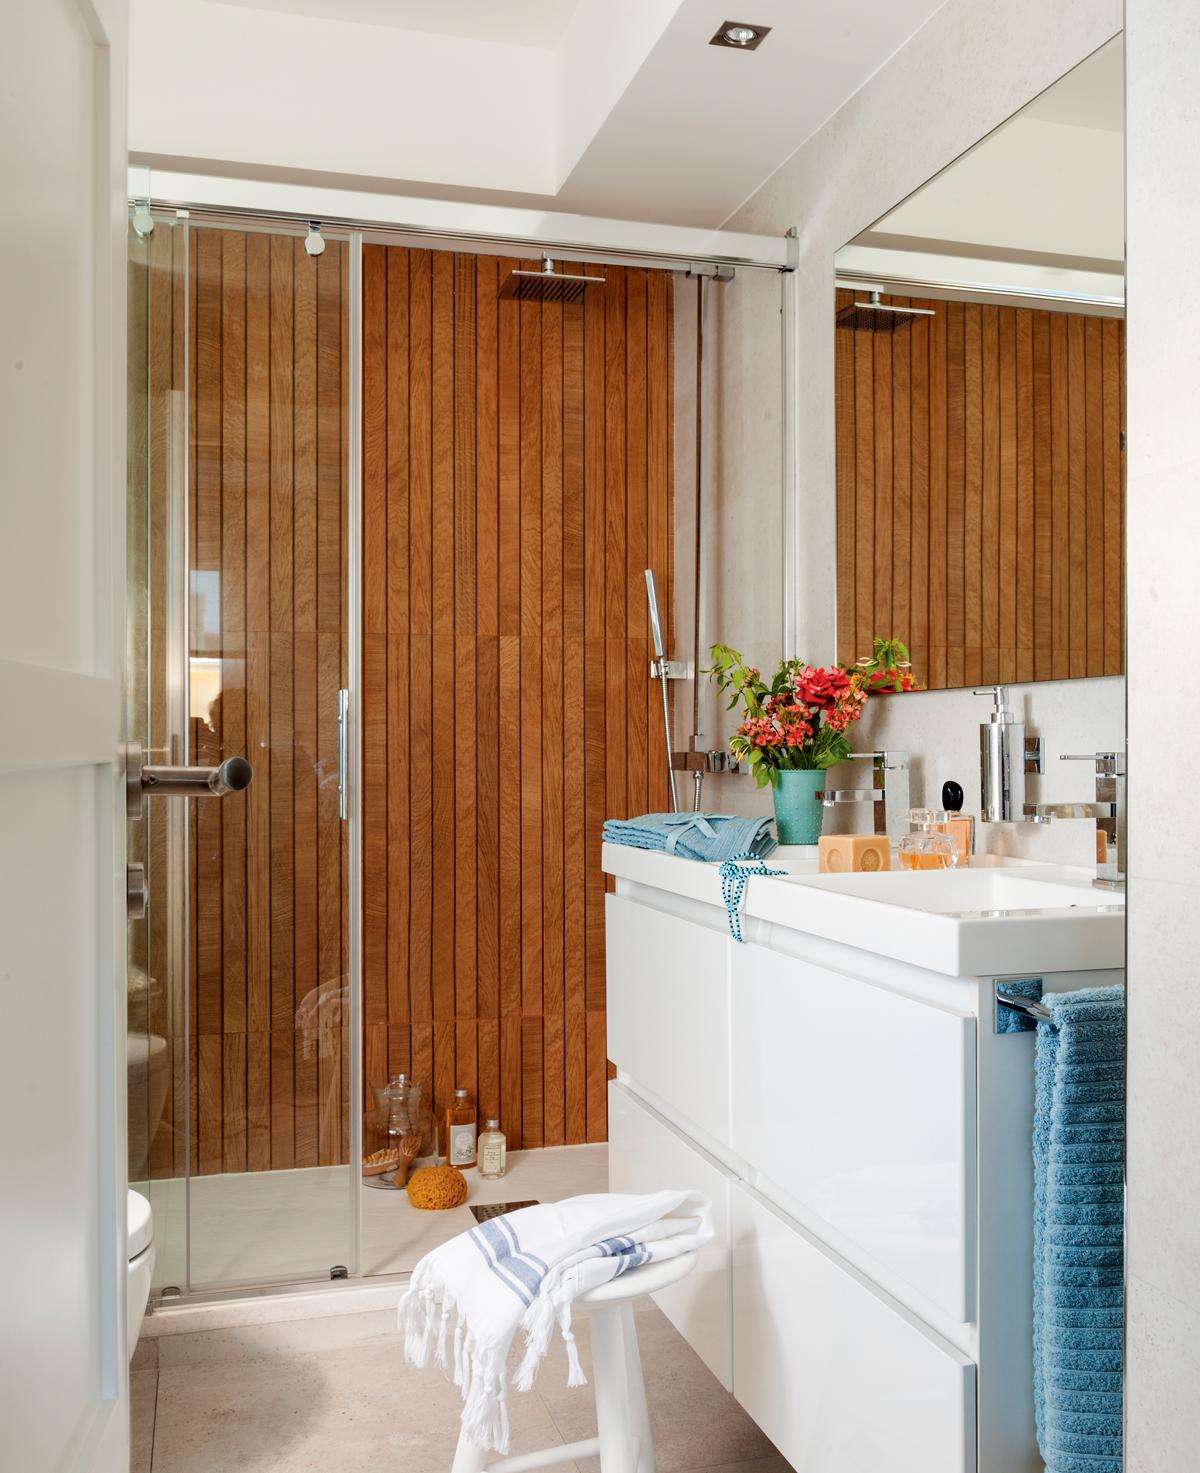 Muebles ba o decoraci n accesorios mamparas y azulejos - Mueble de bano madera ...